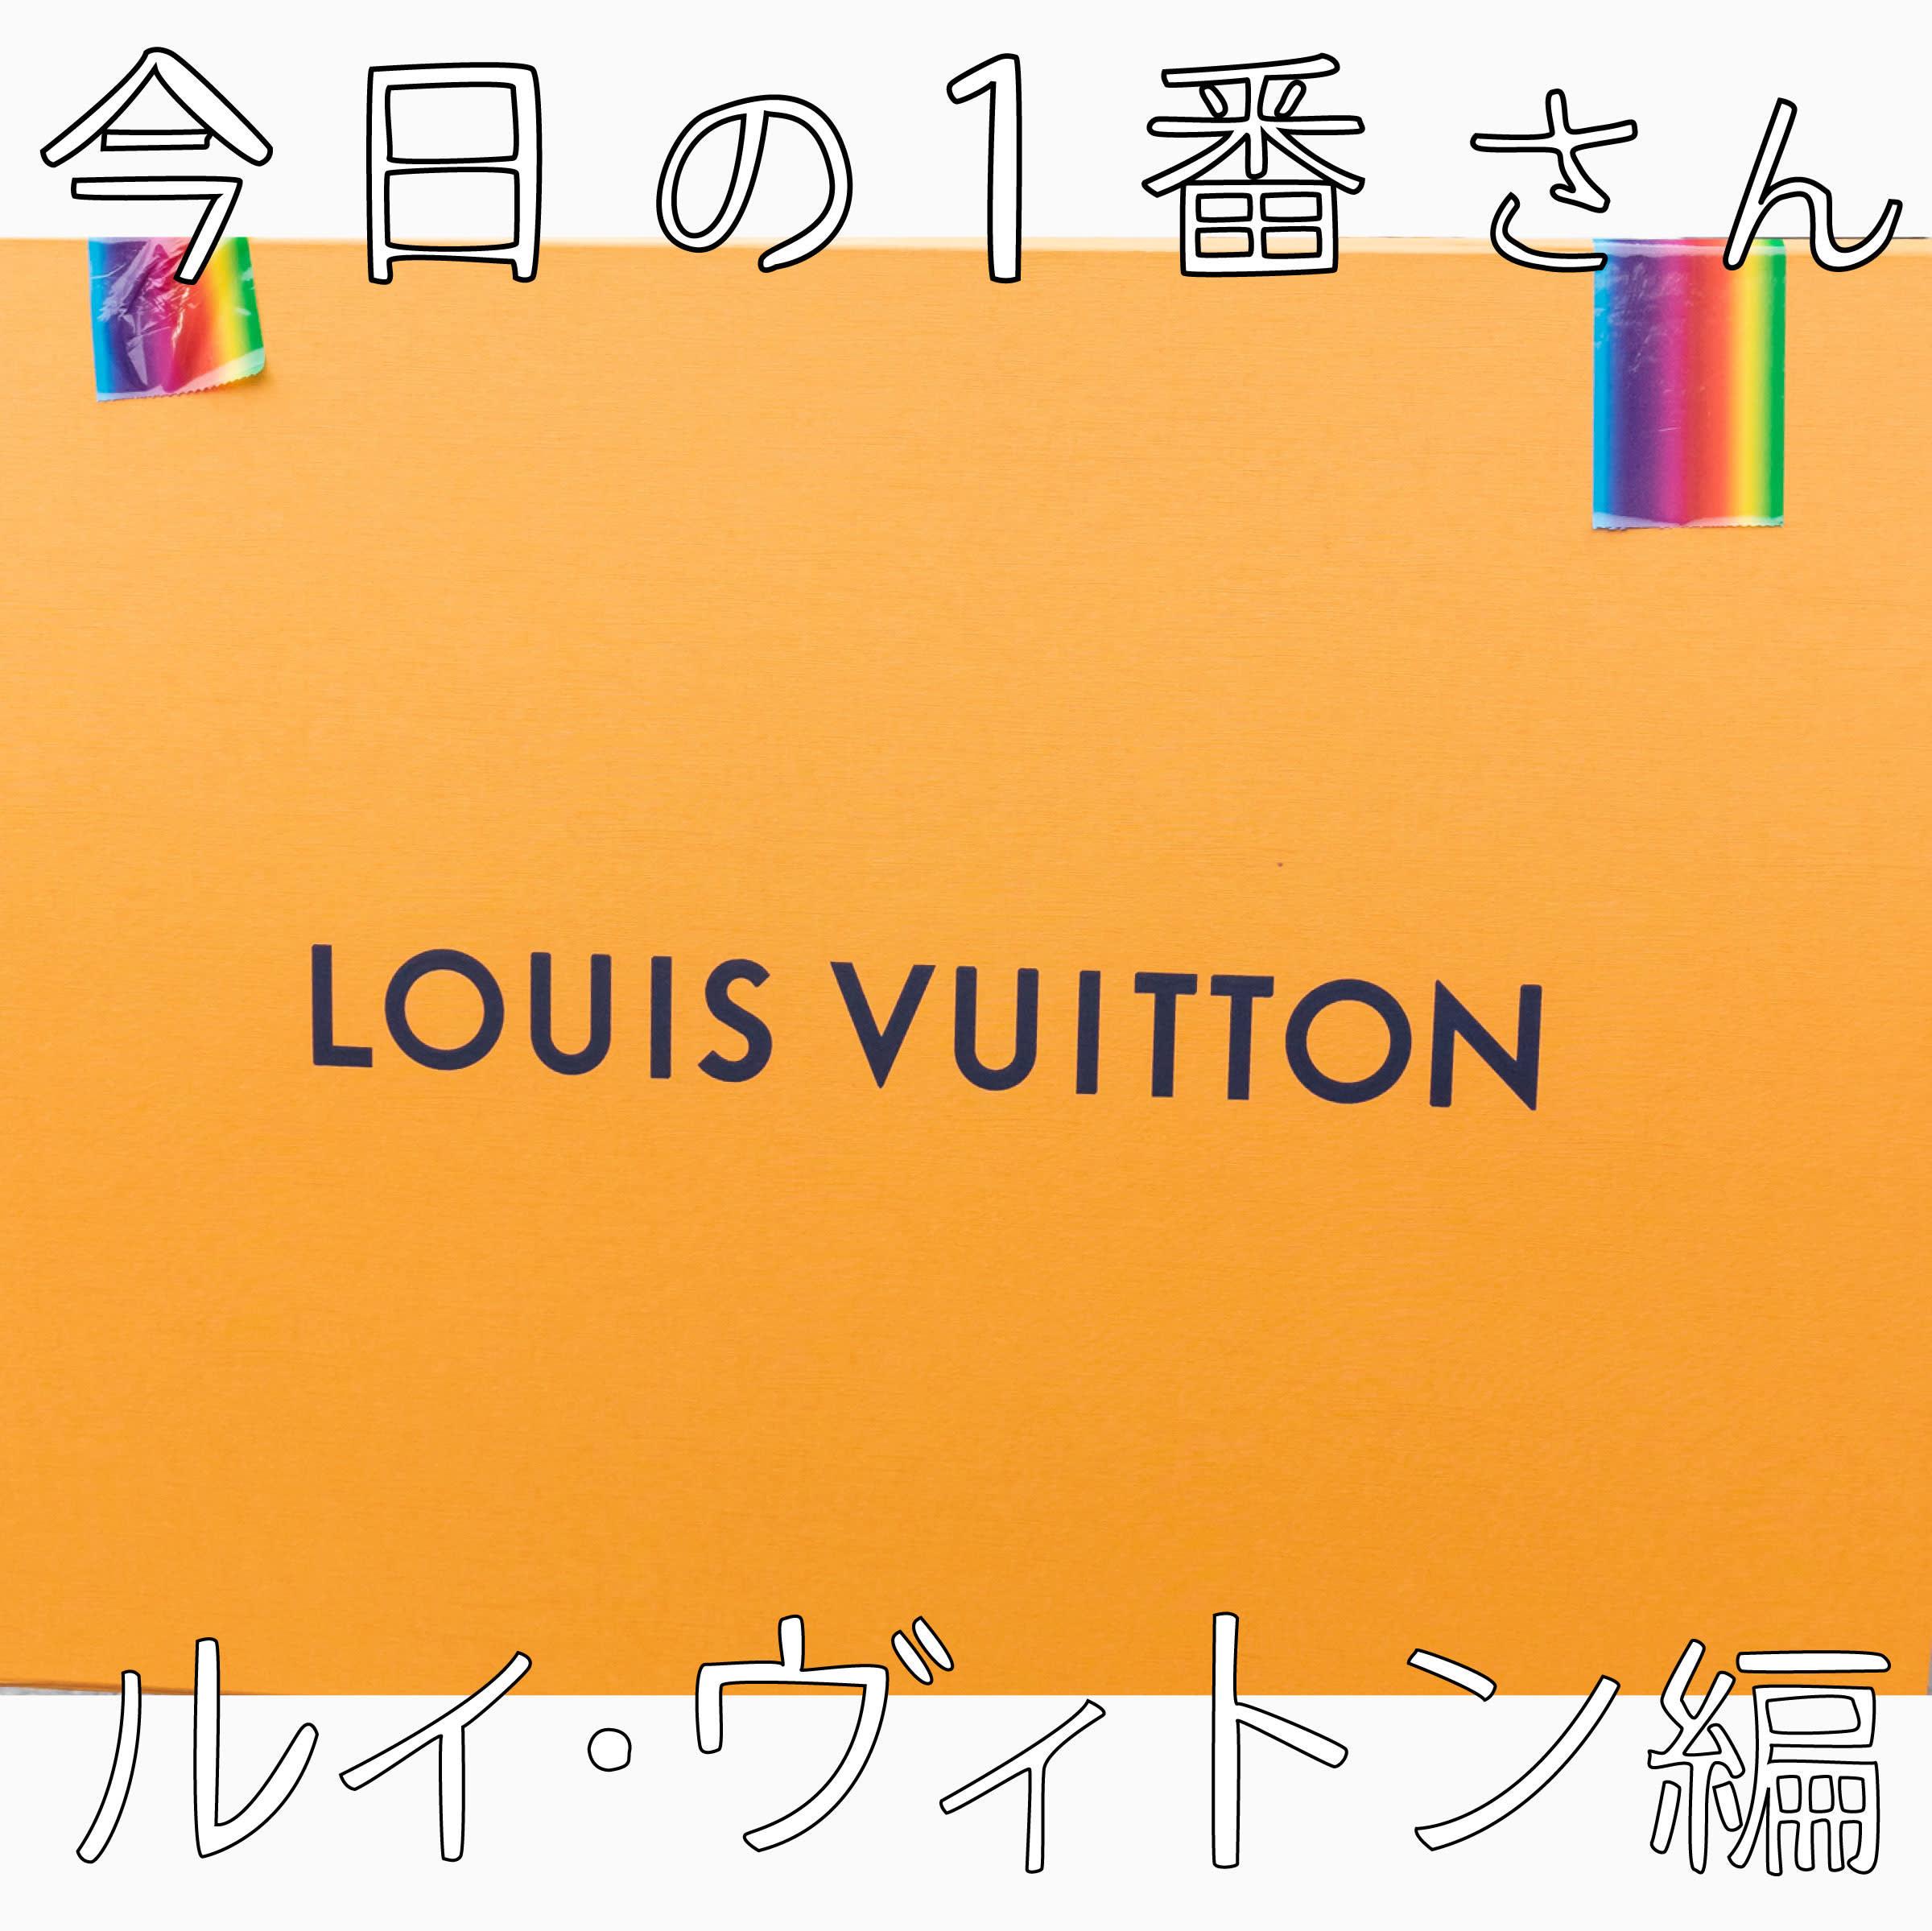 0aca94feff39d 話題のスポットで今日1番〇〇した人に話を聞く「今日の1番さん」。1月10日は、「ルイ・ヴィトン(LOUIS  VUITTON)」の2019年春夏メンズコレクションを先行販売する ...